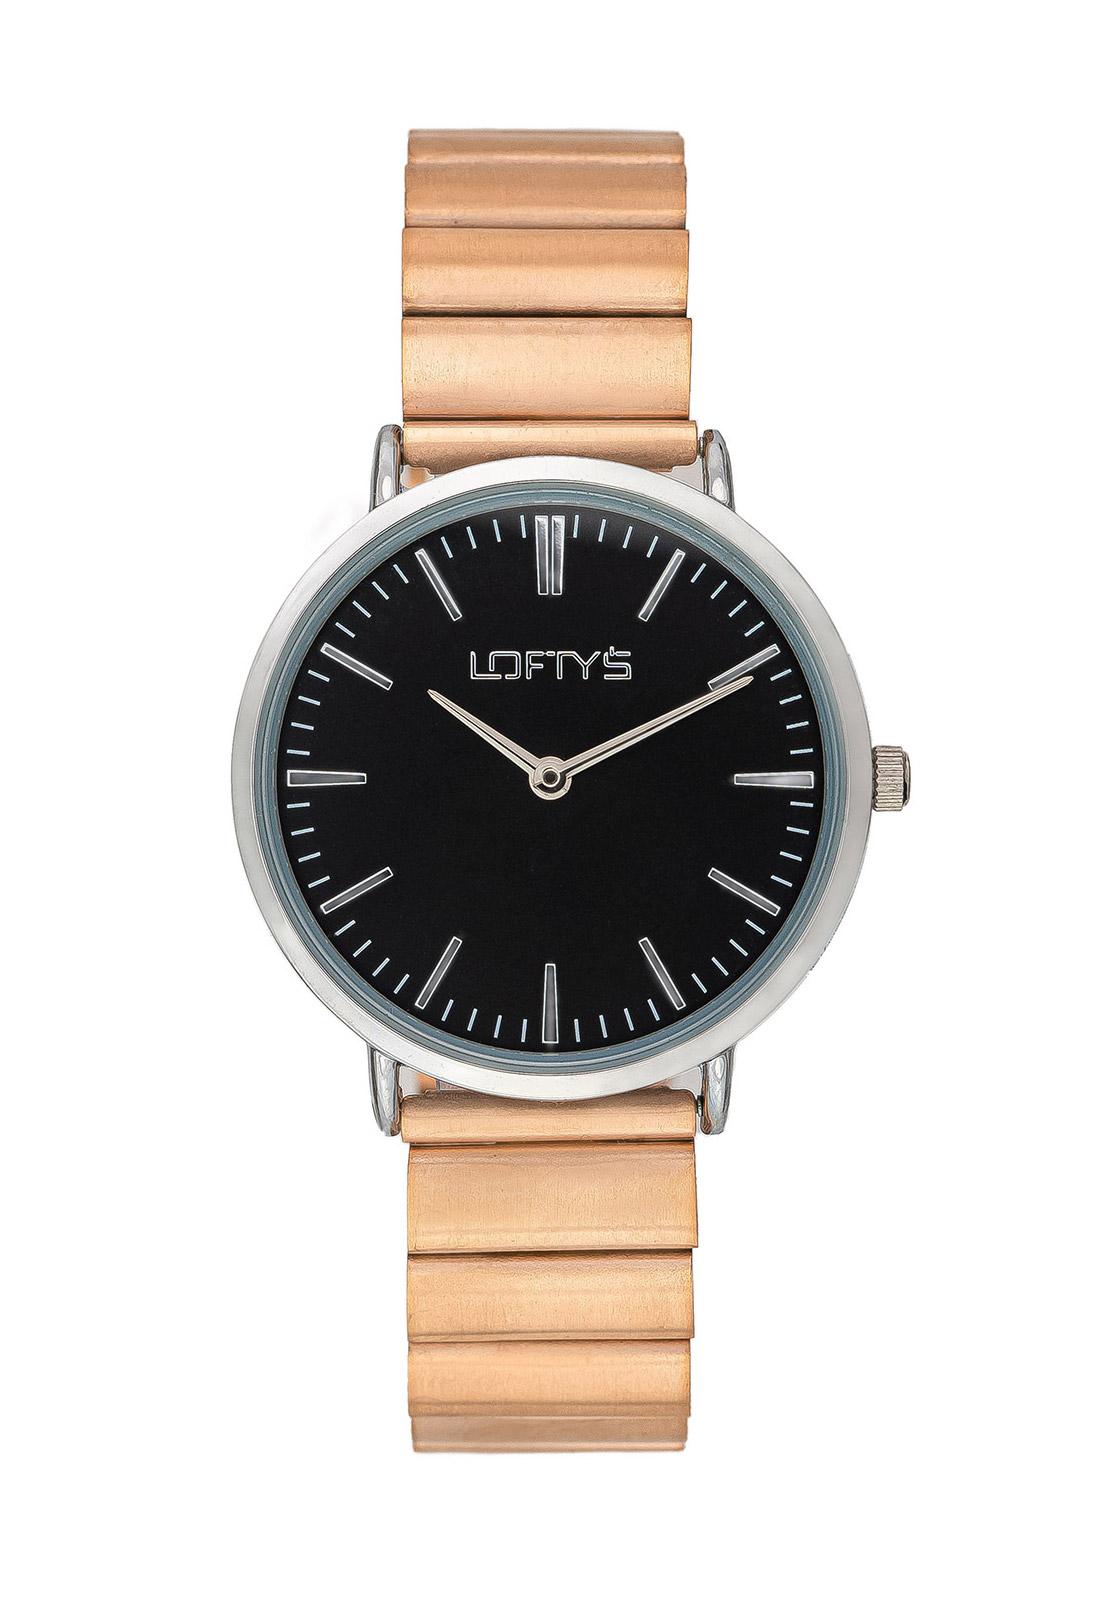 Ρολόι Loftys Corona Ροζ Χρυσό Μπρασελέ με Μαύρο Καντράν Y2016-25